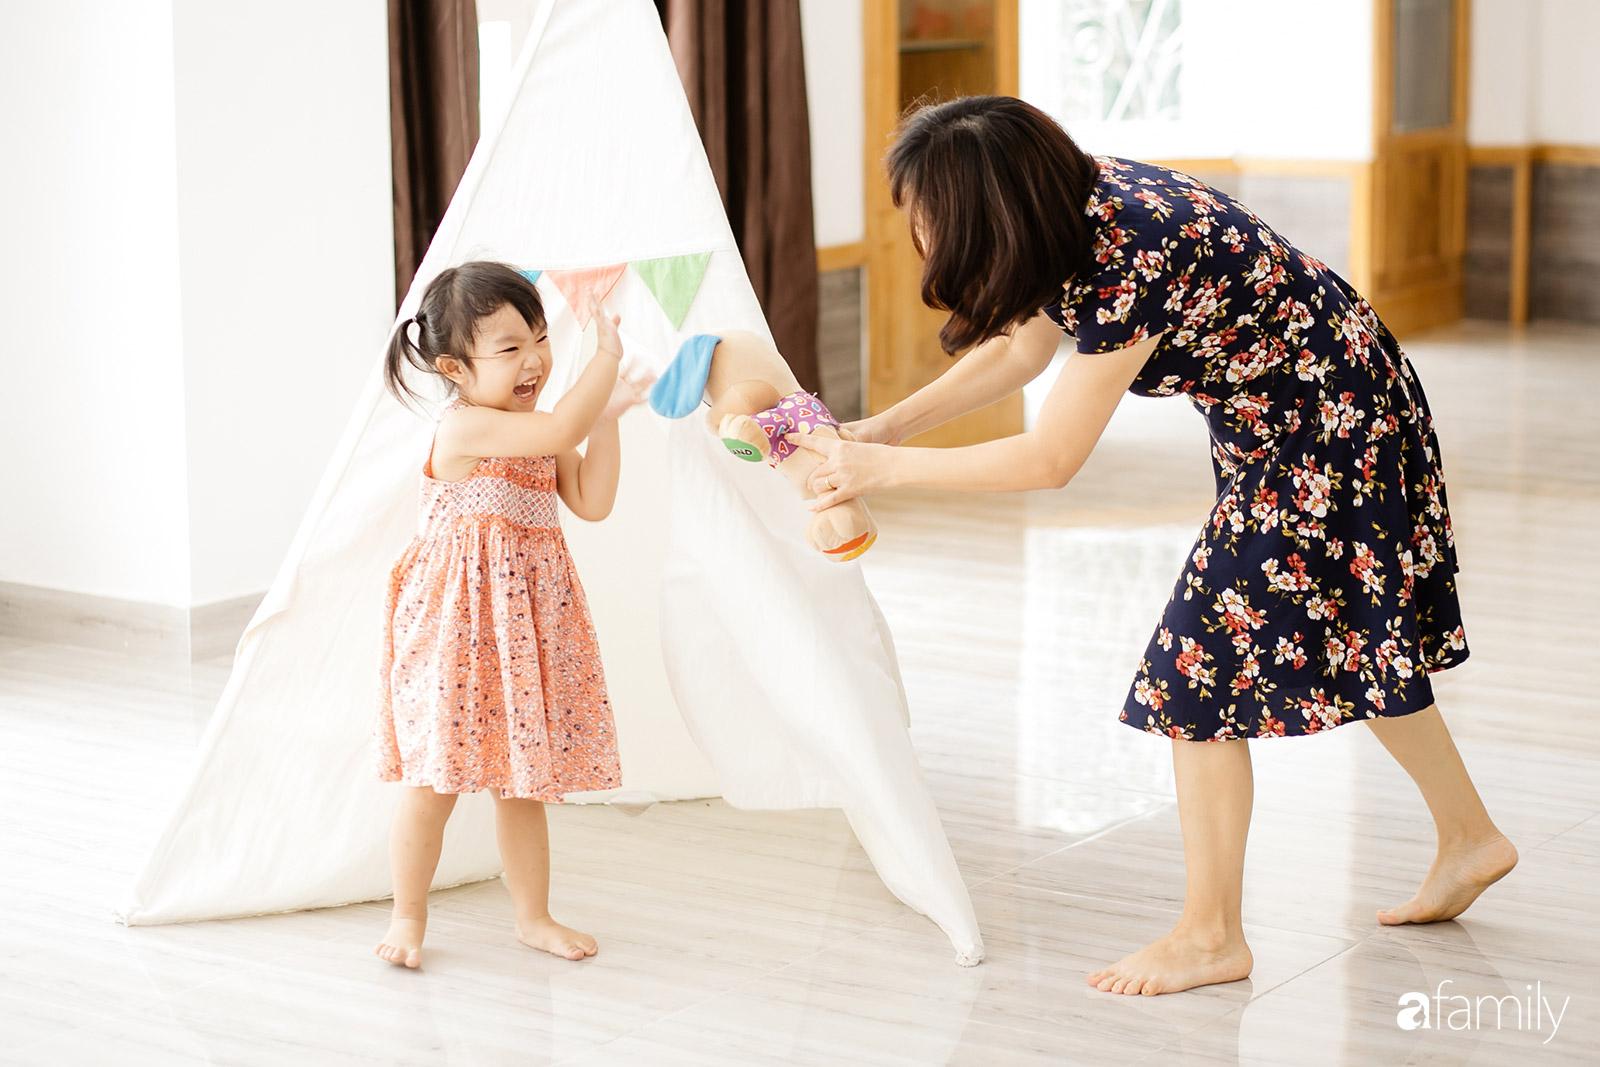 Uyên Phương, người mẹ quyết định khởi nghiệp vì con: Tôi nghĩ phụ nữ sẽ luôn có lựa chọn tốt hơn là hi sinh - Ảnh 13.